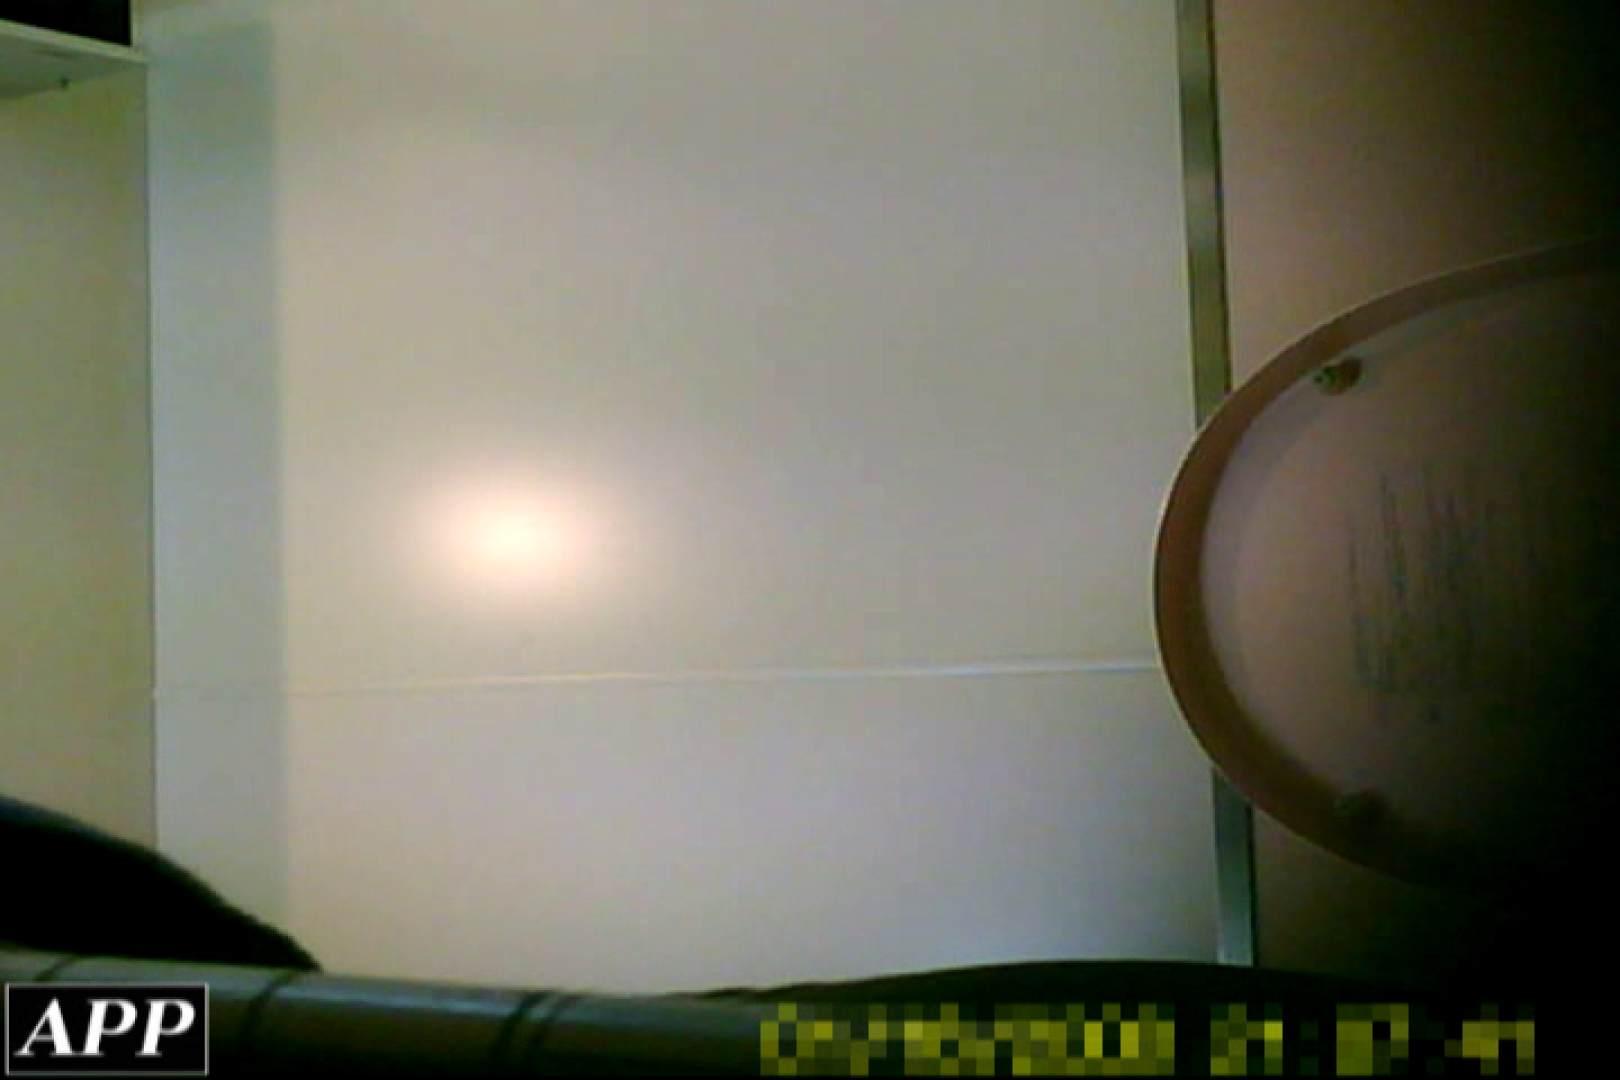 おまんこ丸見え:3視点洗面所 vol.09:怪盗ジョーカー